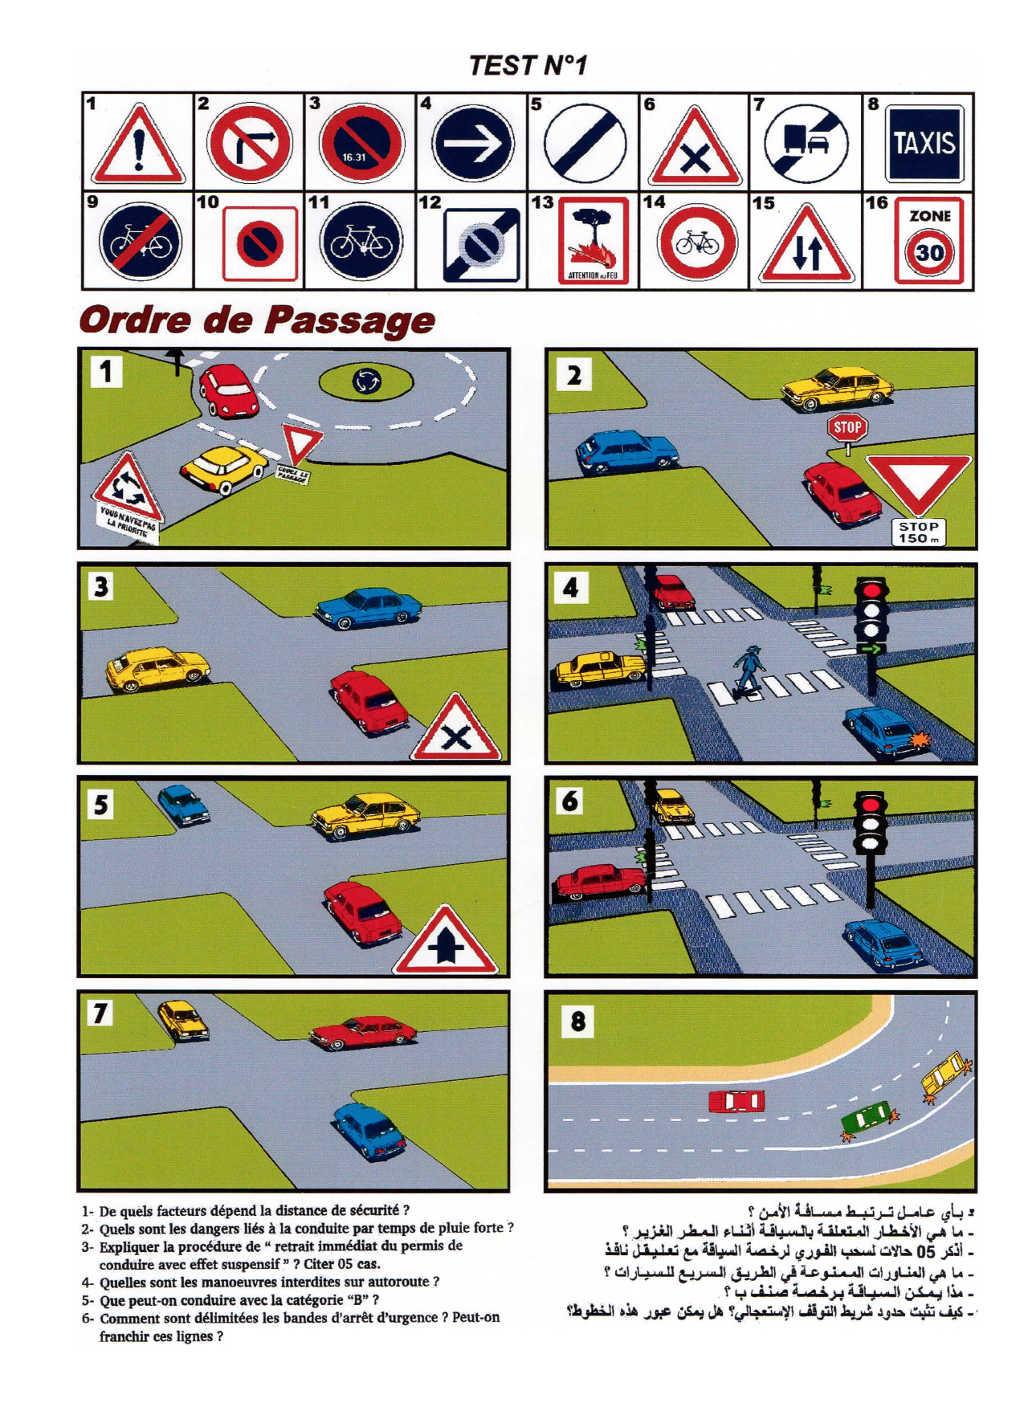 كتاب امتحان رخصة السياقة - الصفحة 1